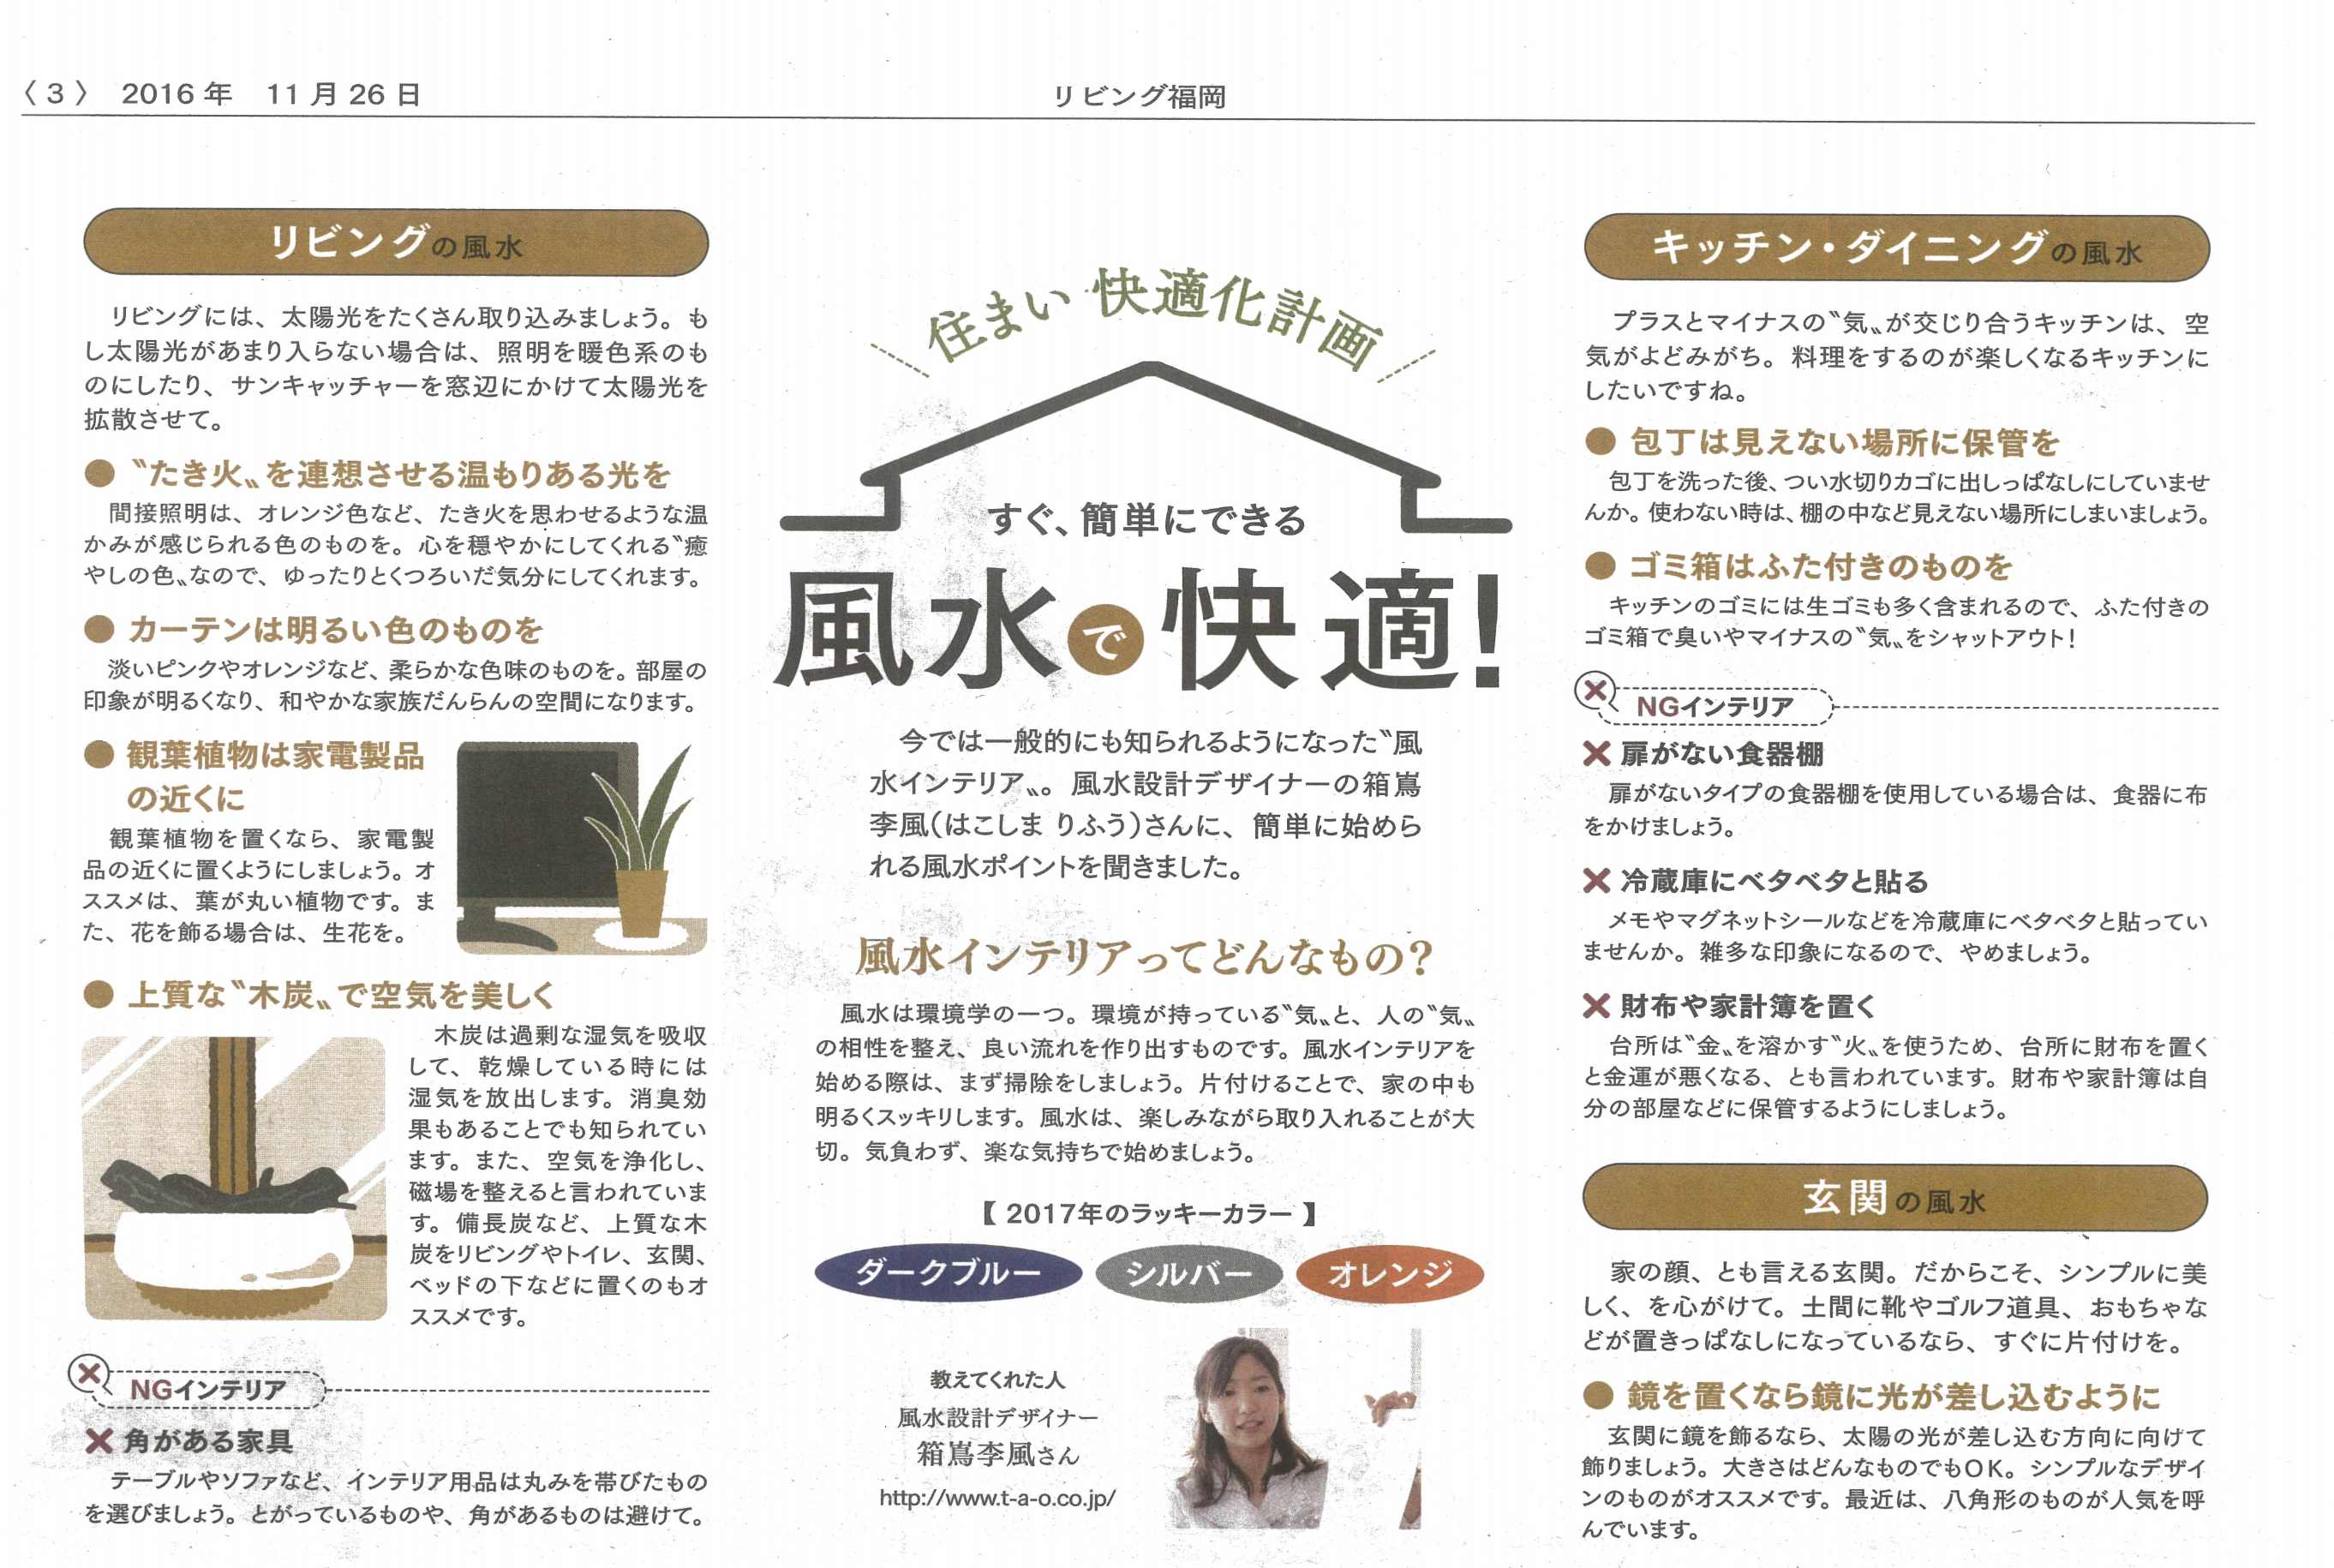 リビング新聞・記事